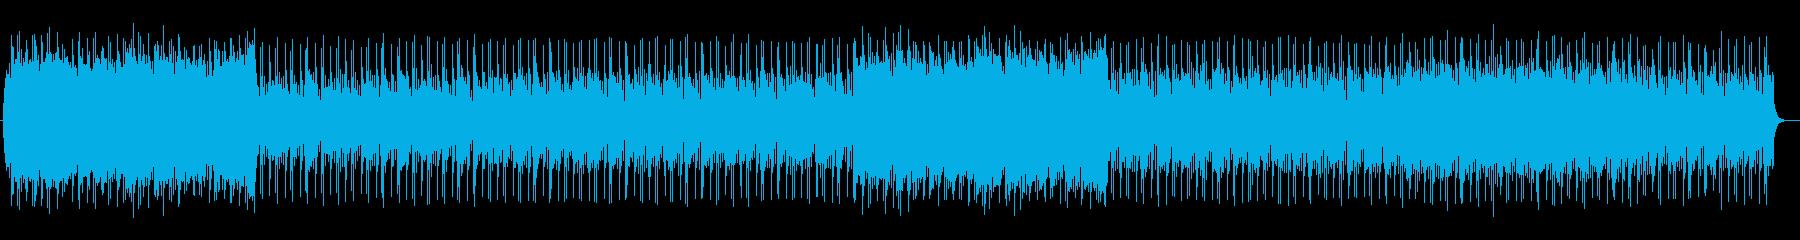 シンセによる大人っぽい洋楽AOR風の再生済みの波形